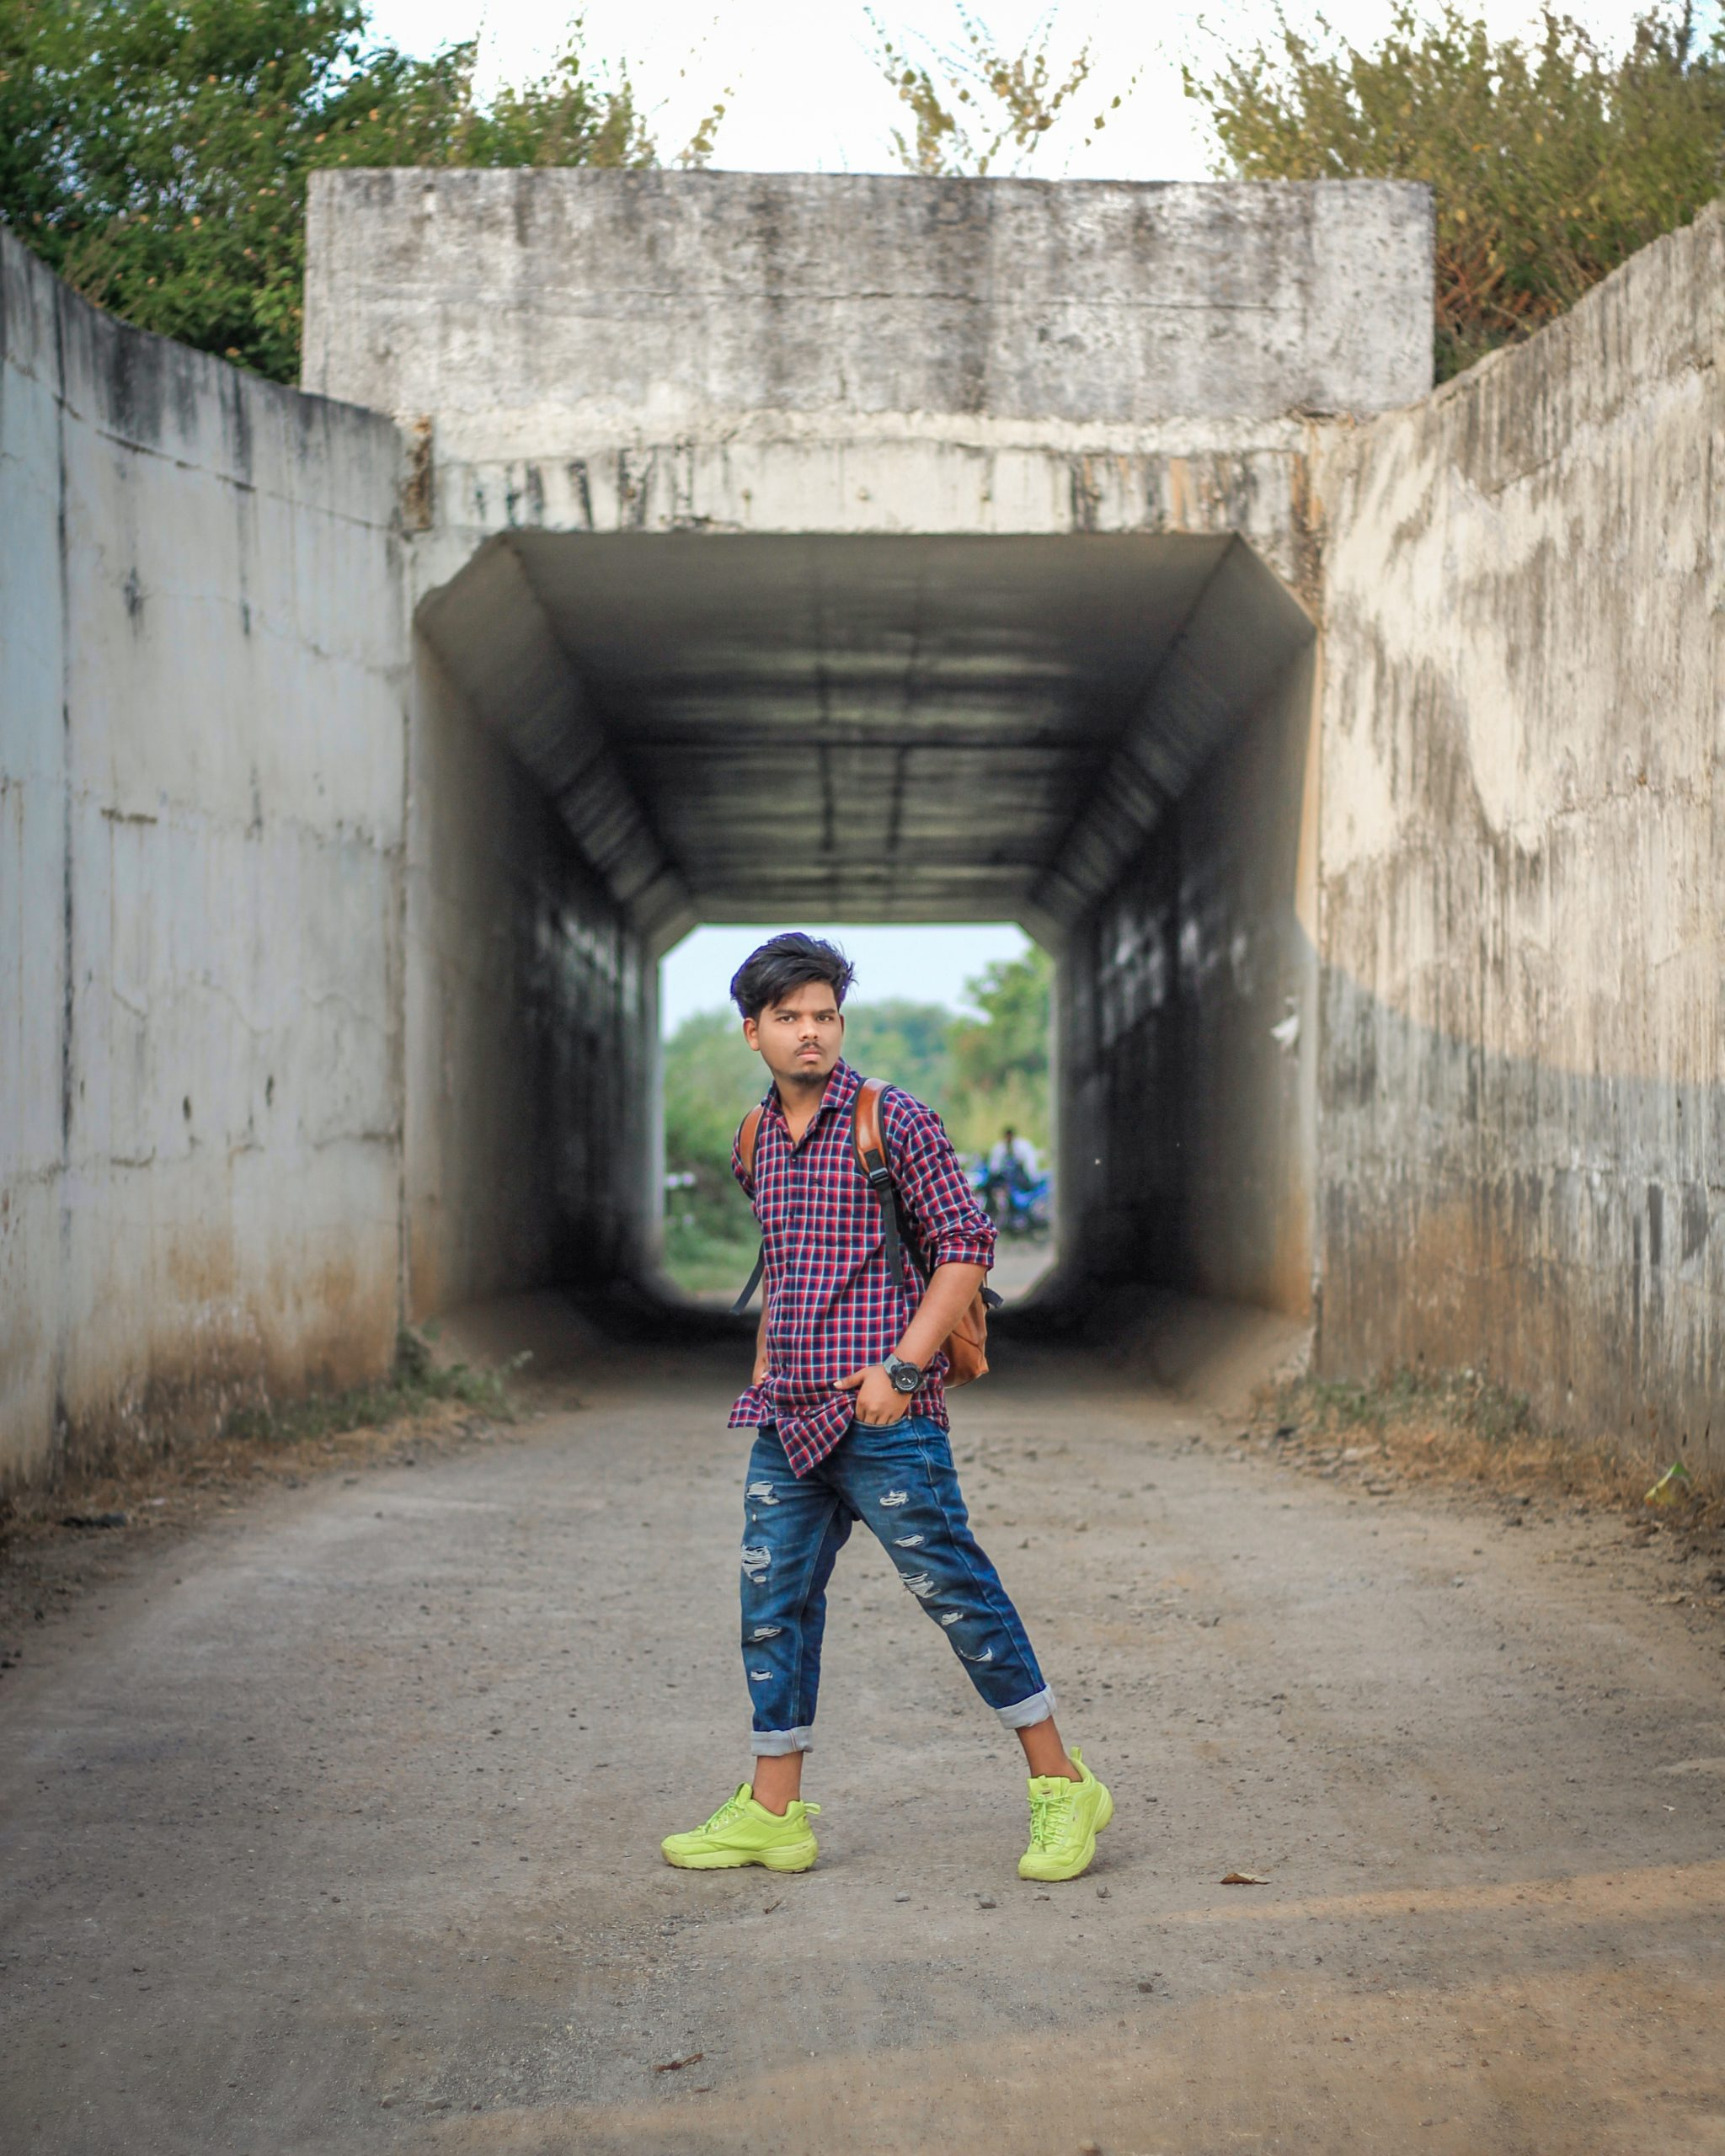 A boy on a narrow road